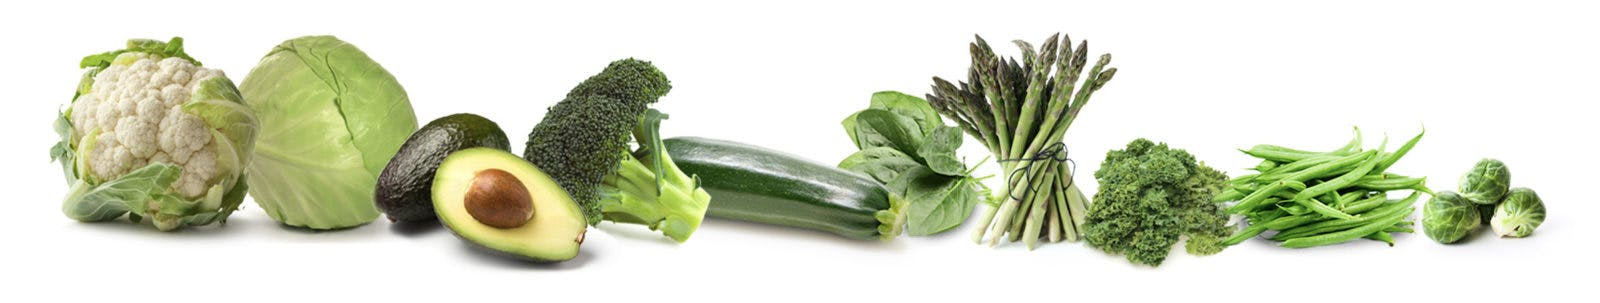 LCHF och grönsaker – tio i topp